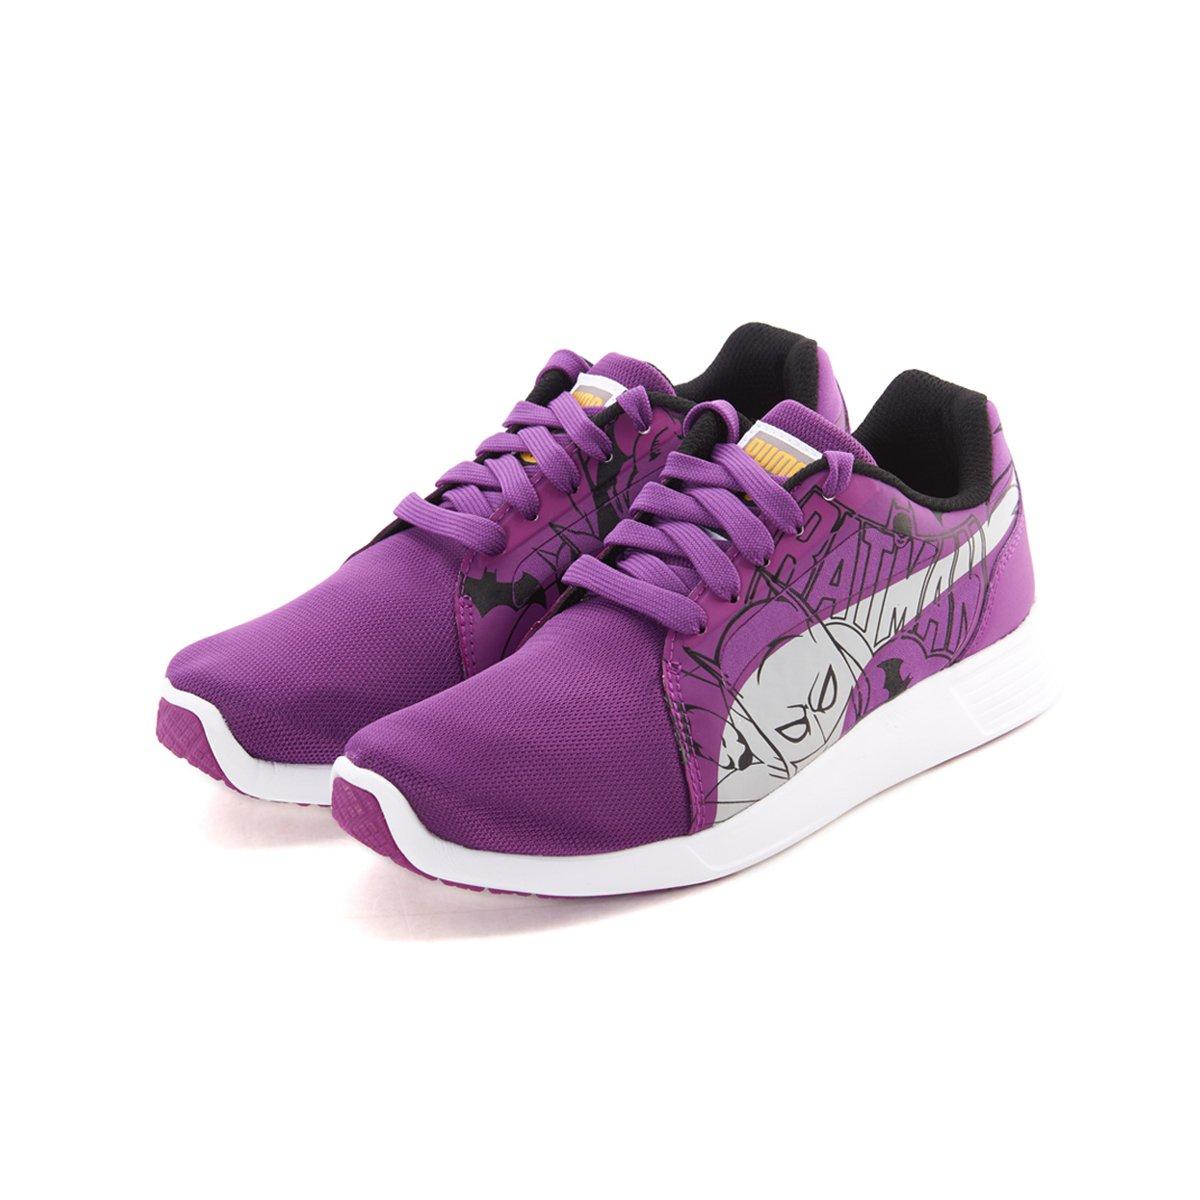 PUMA 彪马 蝙蝠侠 中性中大童运动鞋 紫色 +凑单品